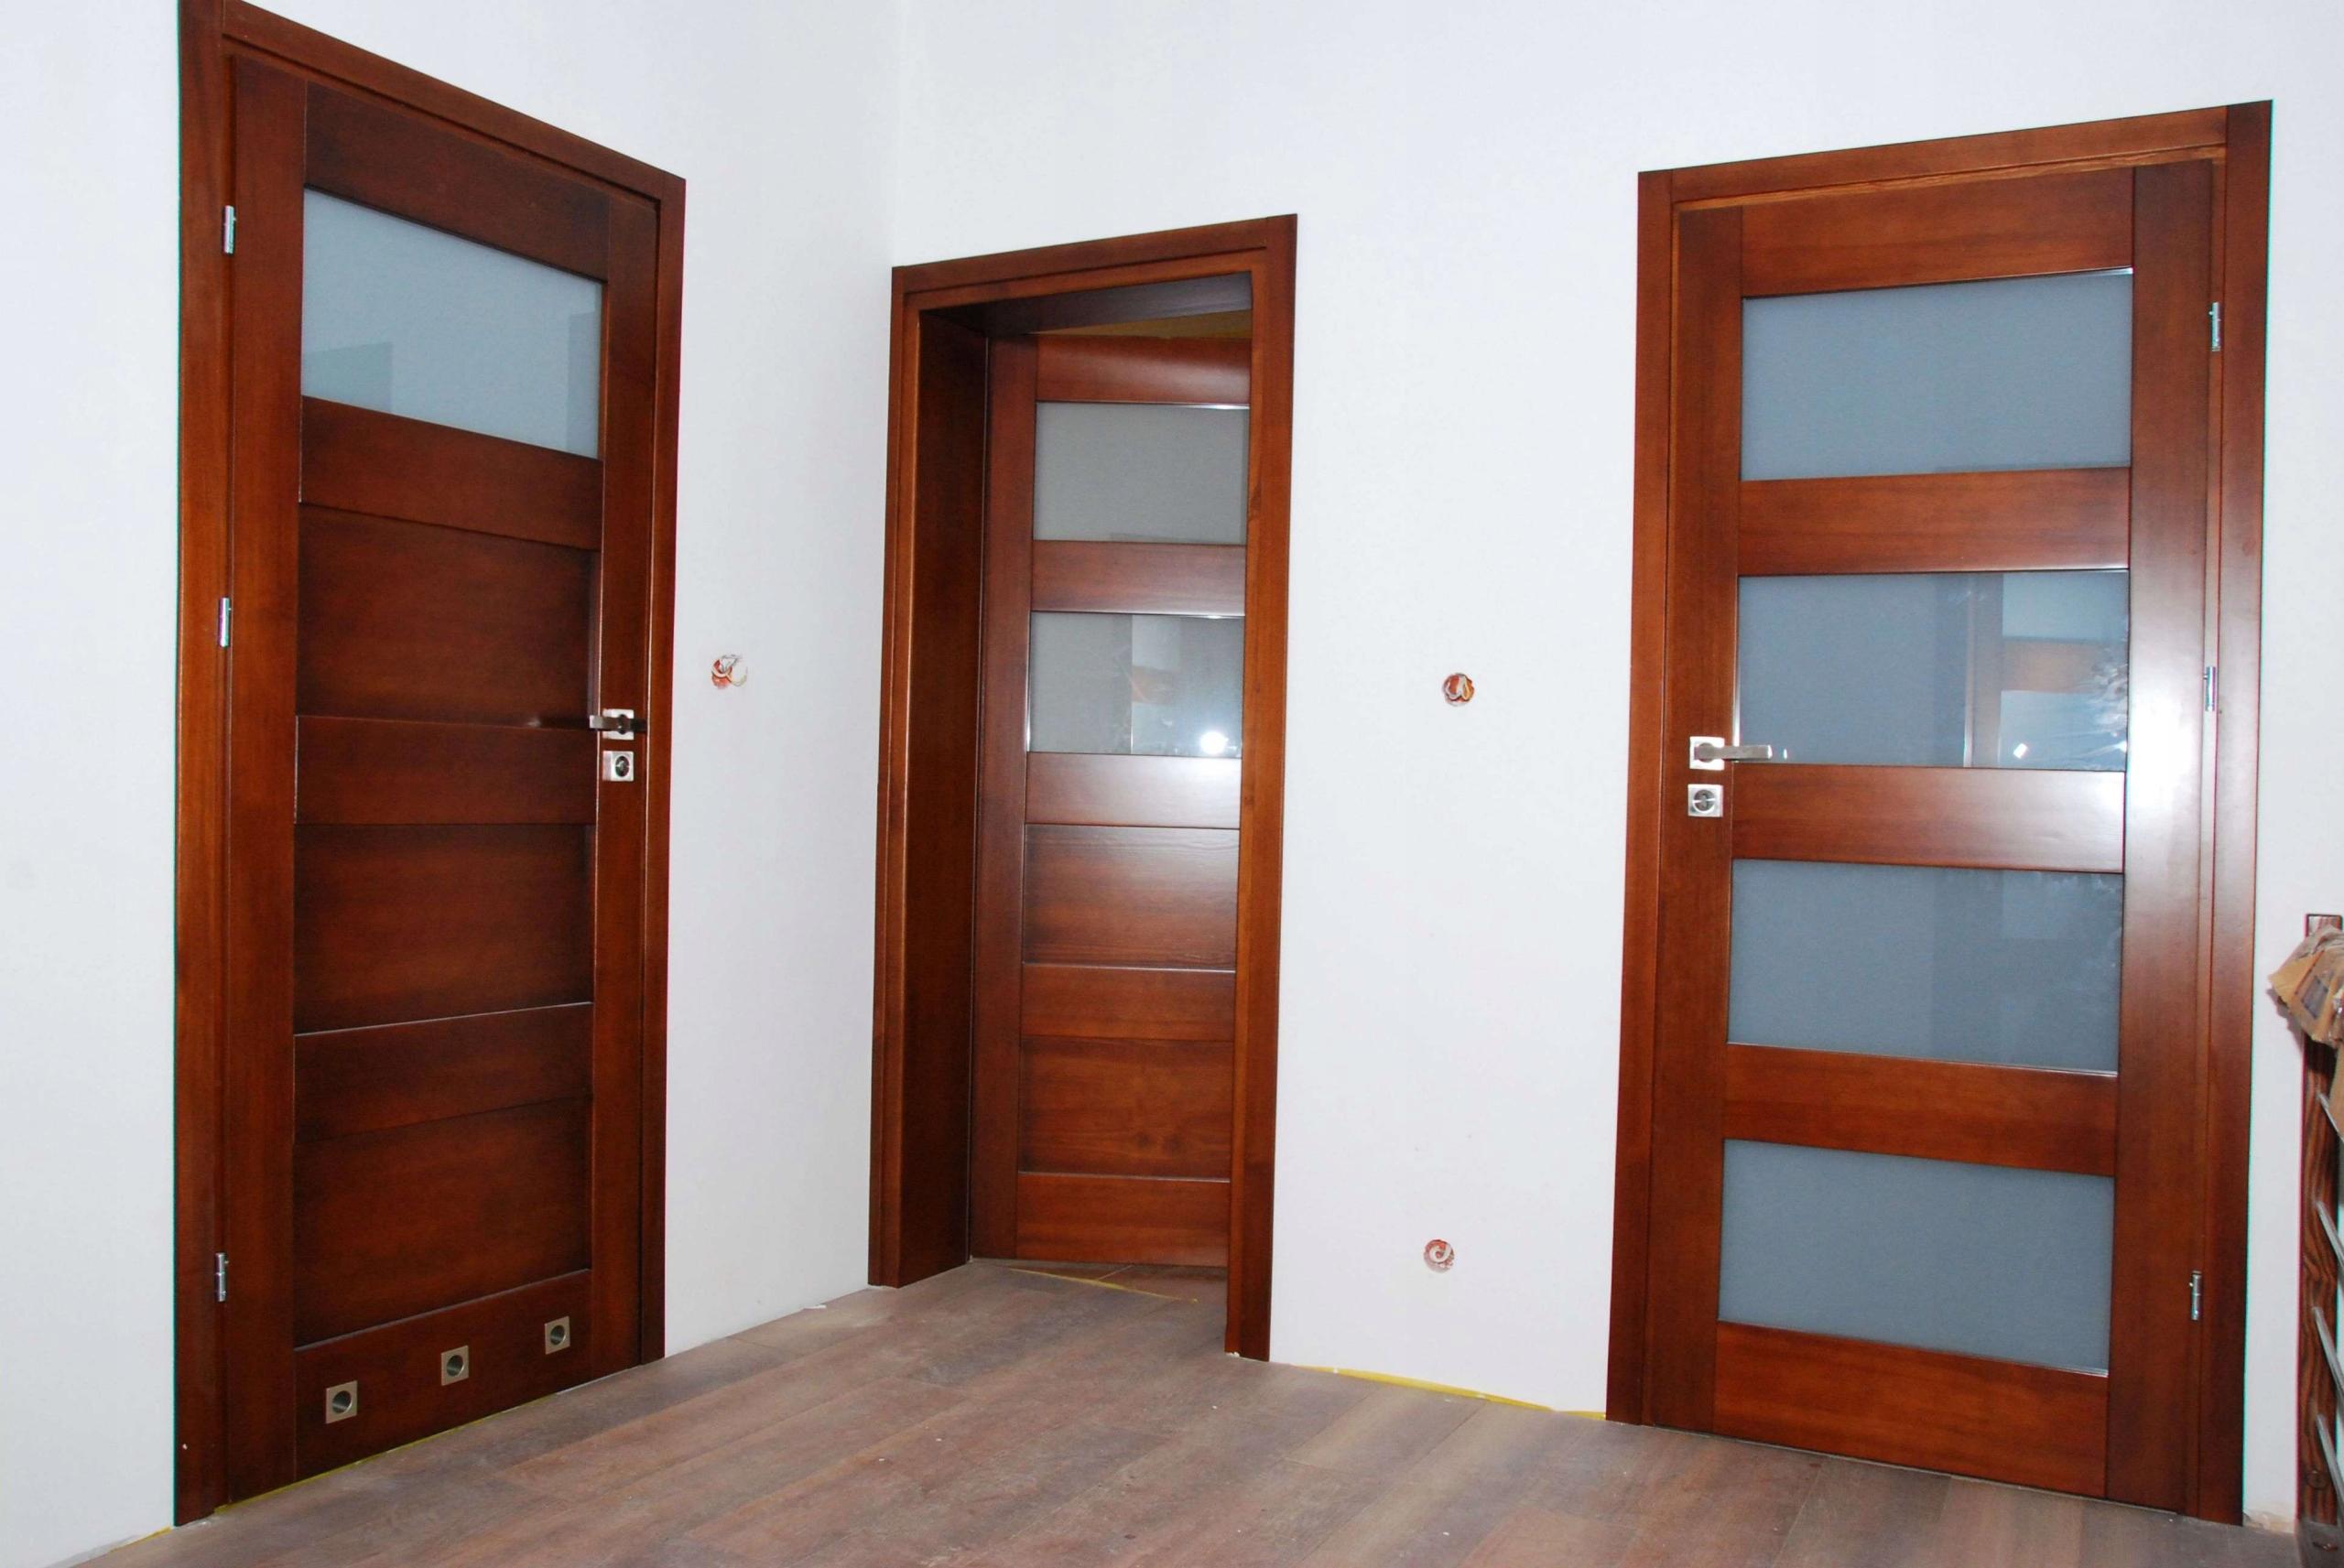 Панели пвх для входной двери изнутри фото лаконичная укладка